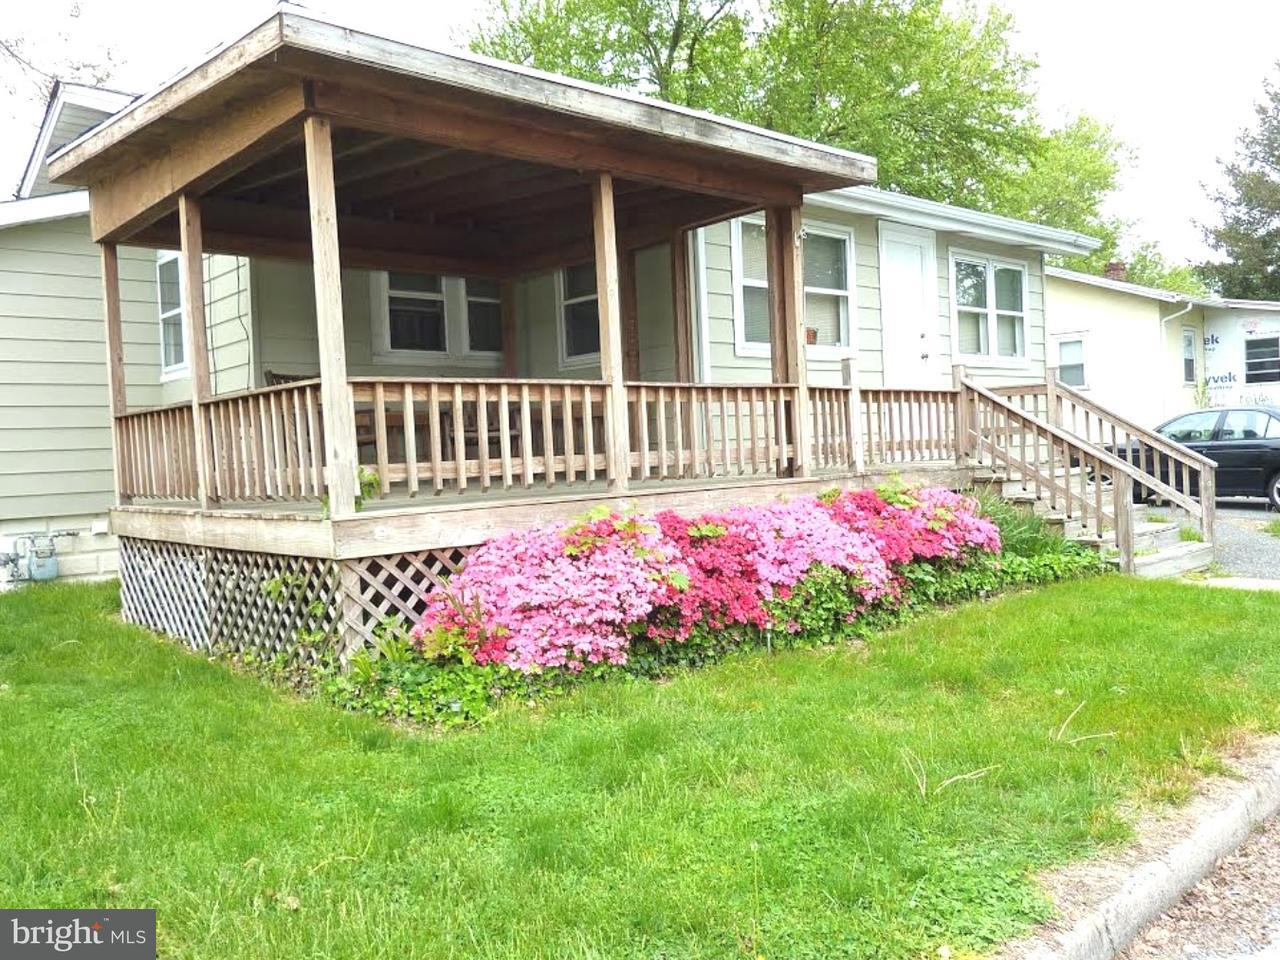 独户住宅 为 销售 在 103 MADISON Street Deepwater, 新泽西州 08023 美国